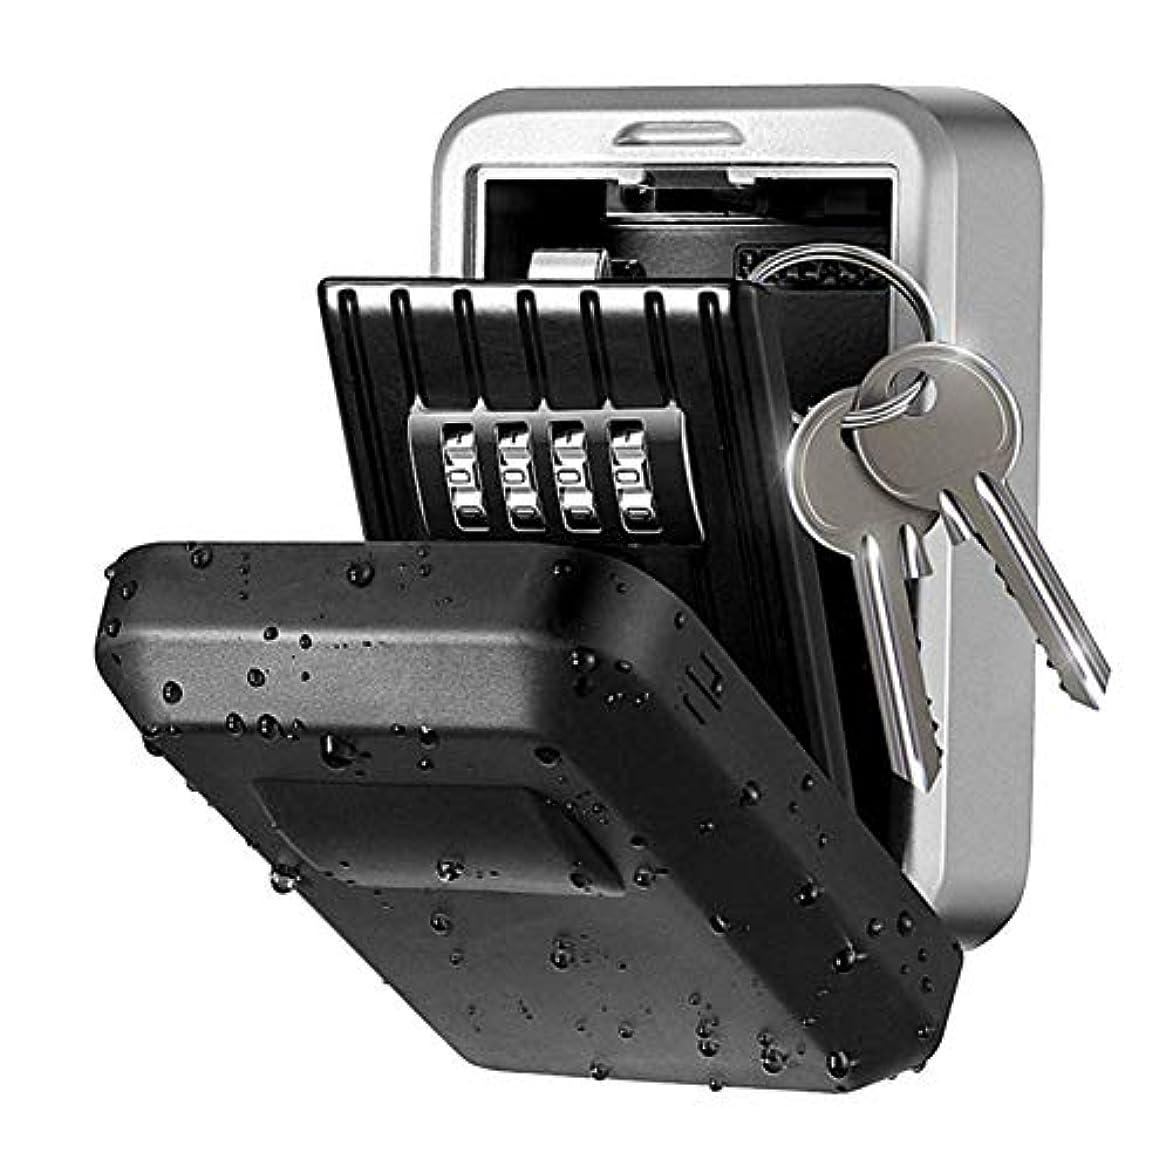 ハンカチショートカット歴史的Key Storage Box,ZOZOE Wall Mount Key Lock Box - Strong, Metal, Outdoors 4 Digit Combination Wall Mount Key Safe...